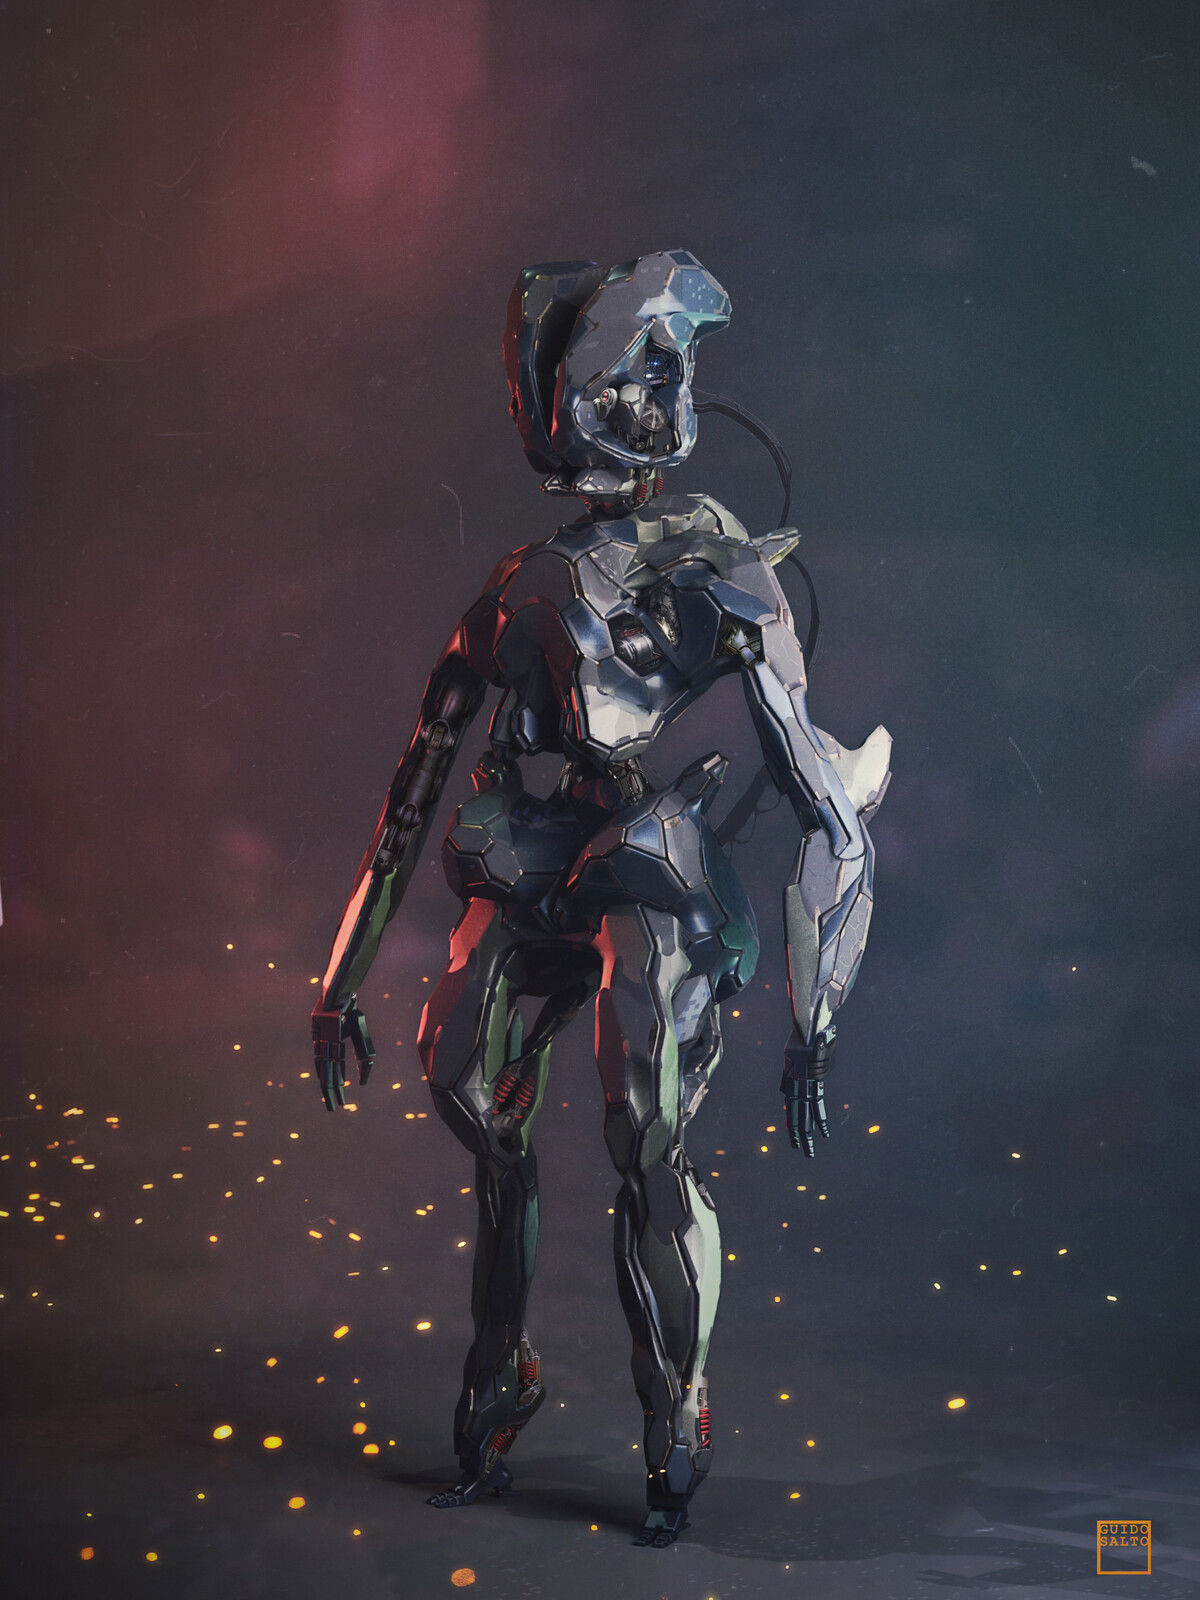 Robots, No Love, No Death, Just Robots